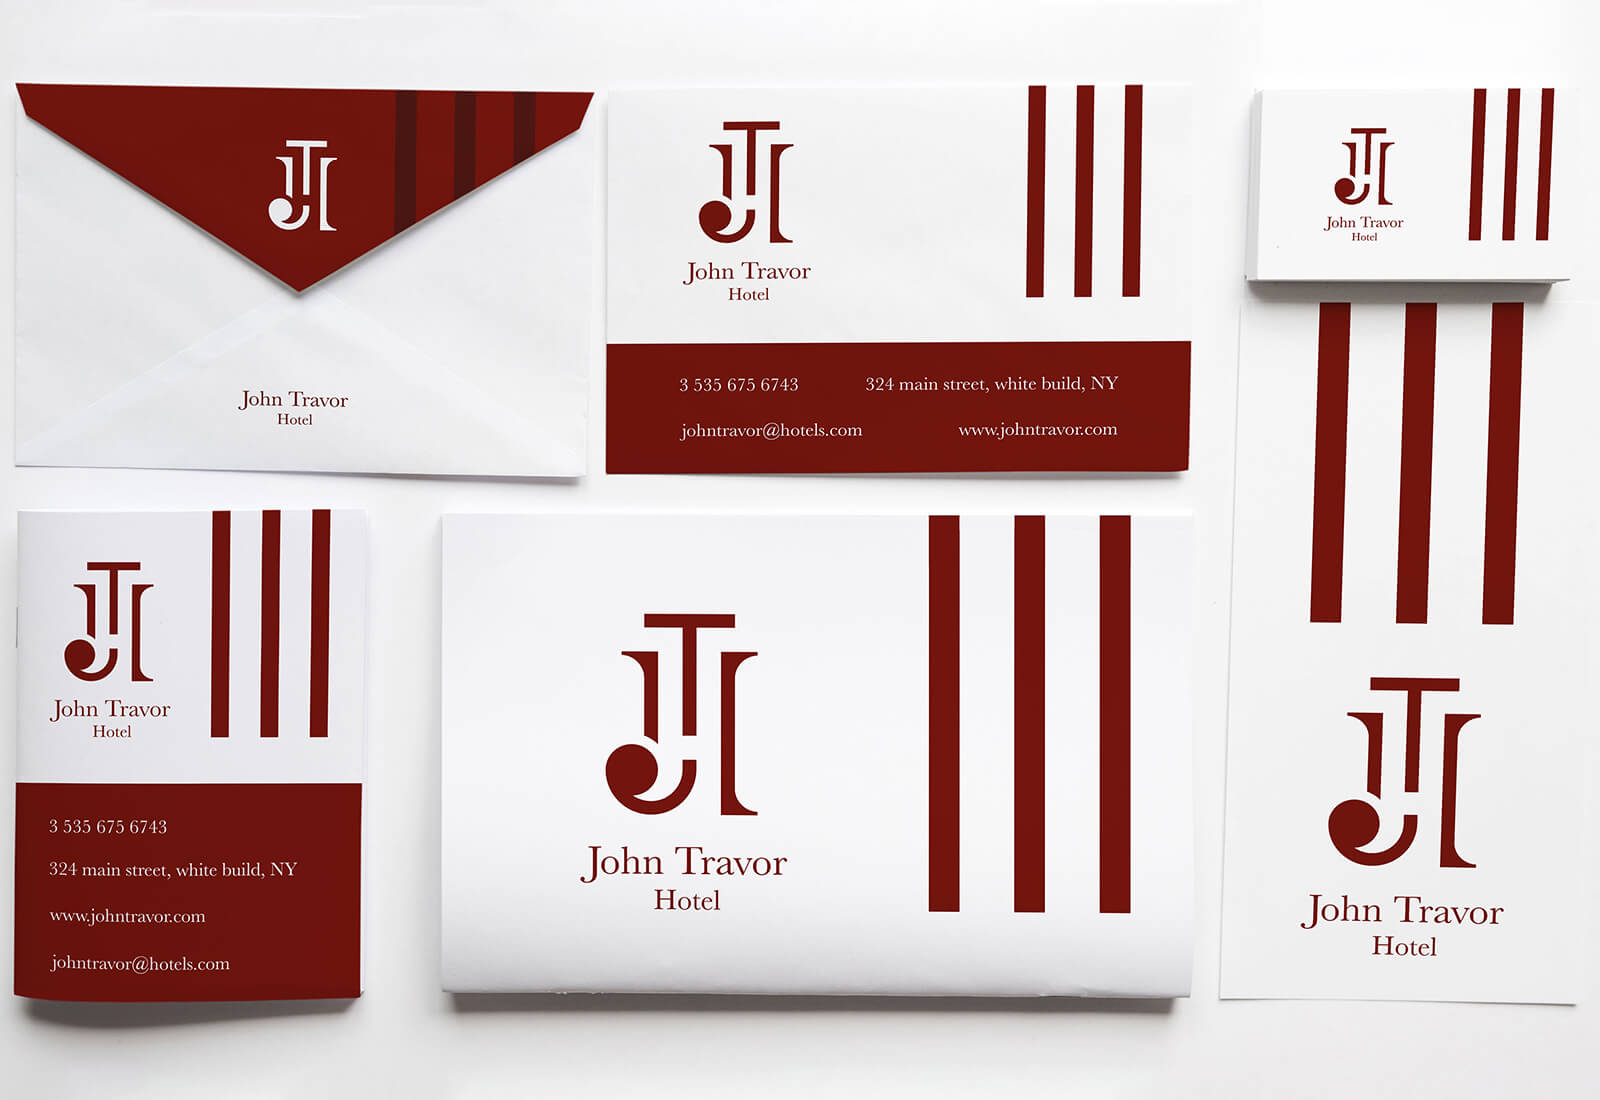 logo e brand identity design di john travor hotel su buste, carte intestate e biglietti da visita bianchi su sfondo grigio chiaro